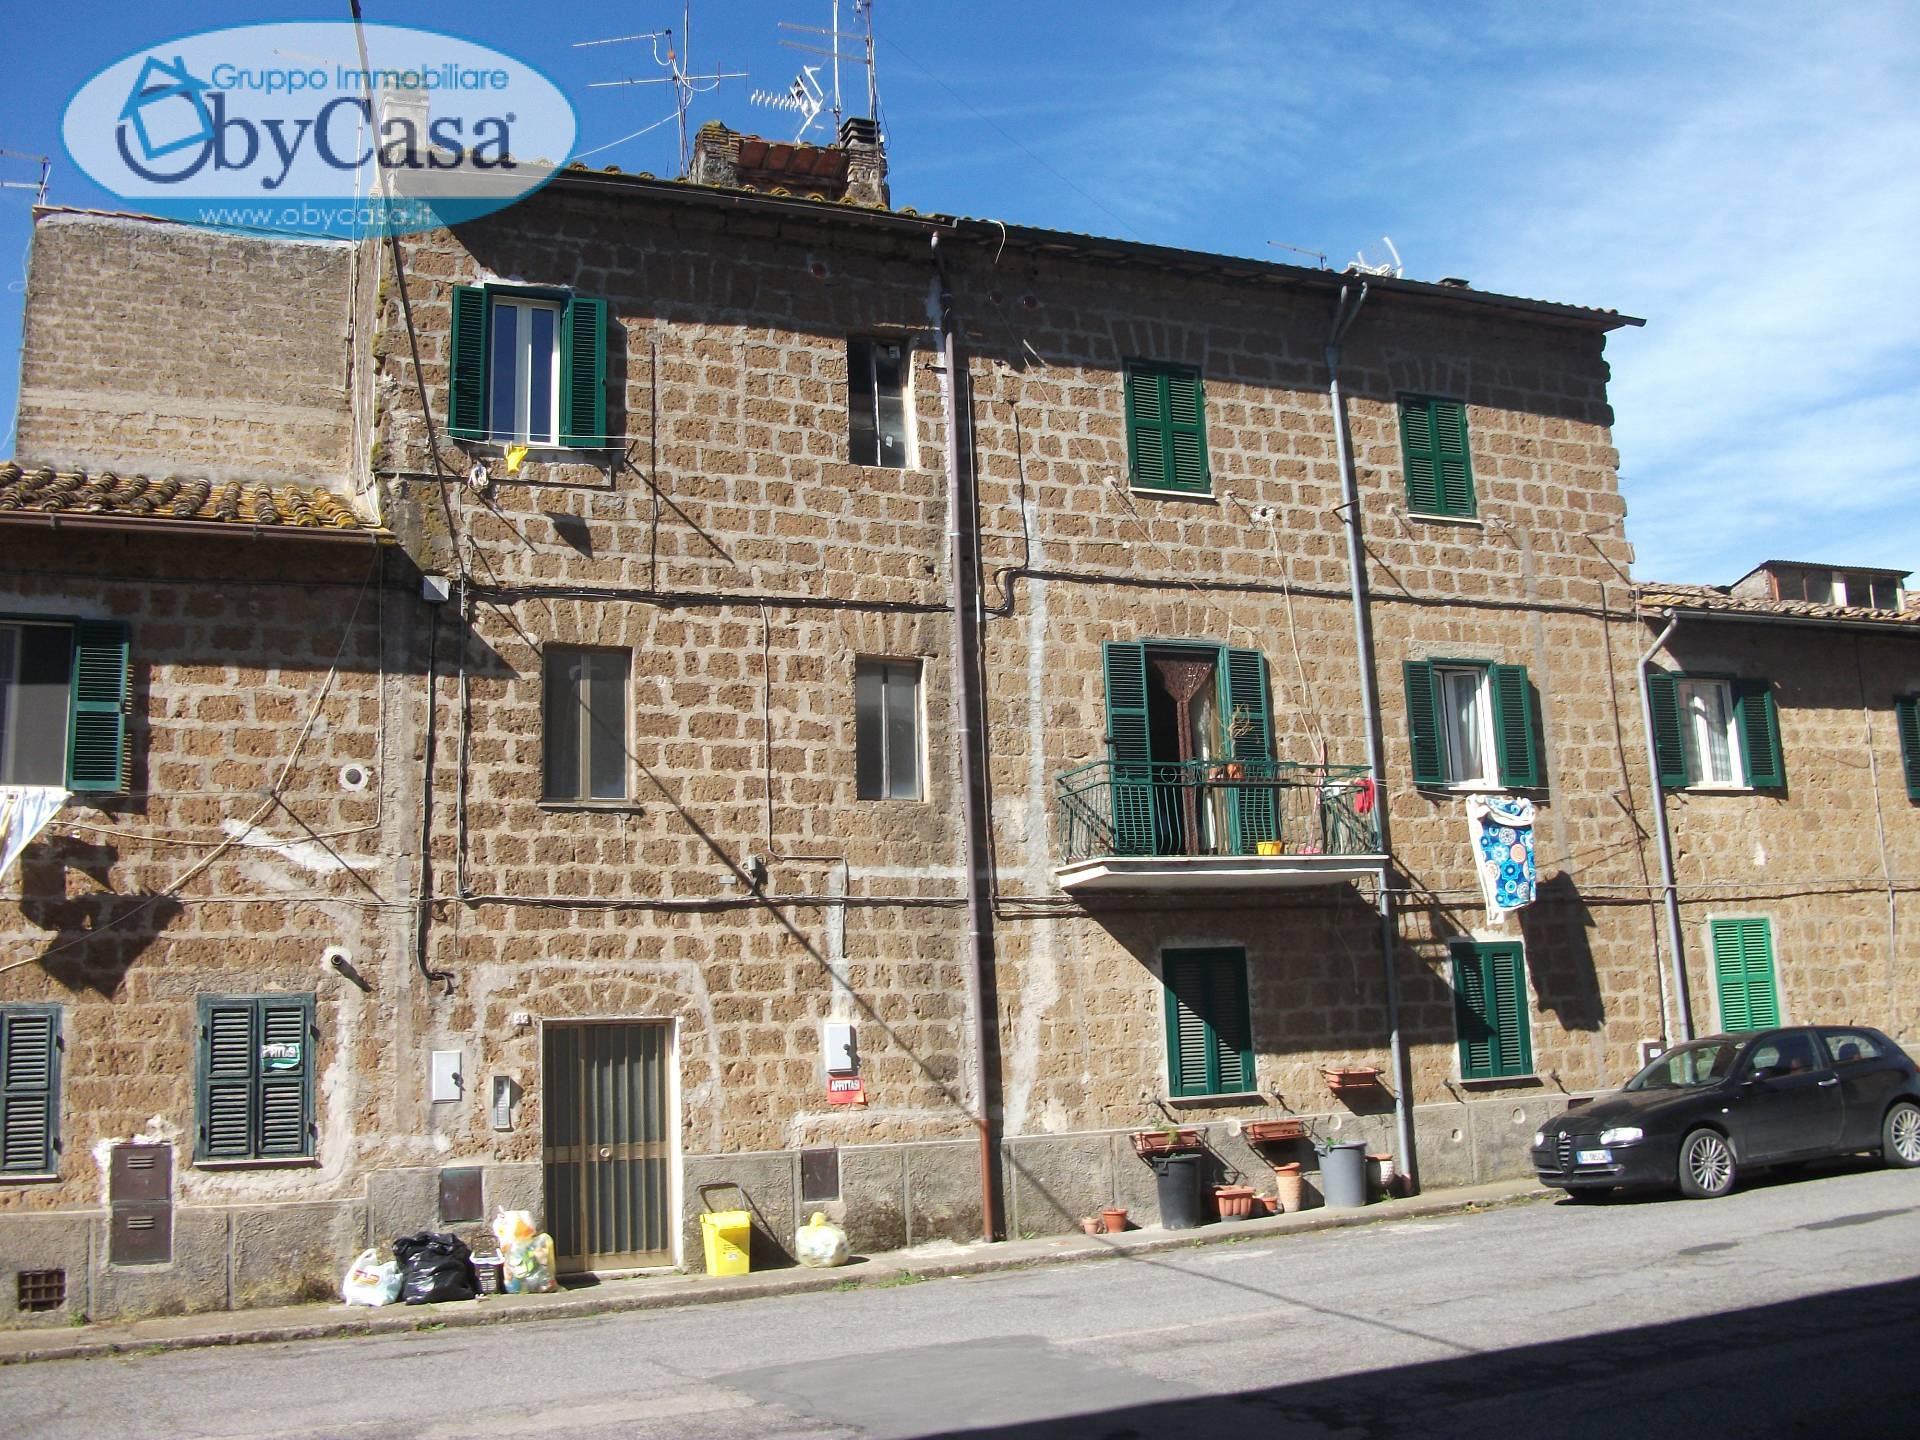 Appartamento in affitto a Vejano, 3 locali, zona Località: vejano, prezzo € 300 | CambioCasa.it